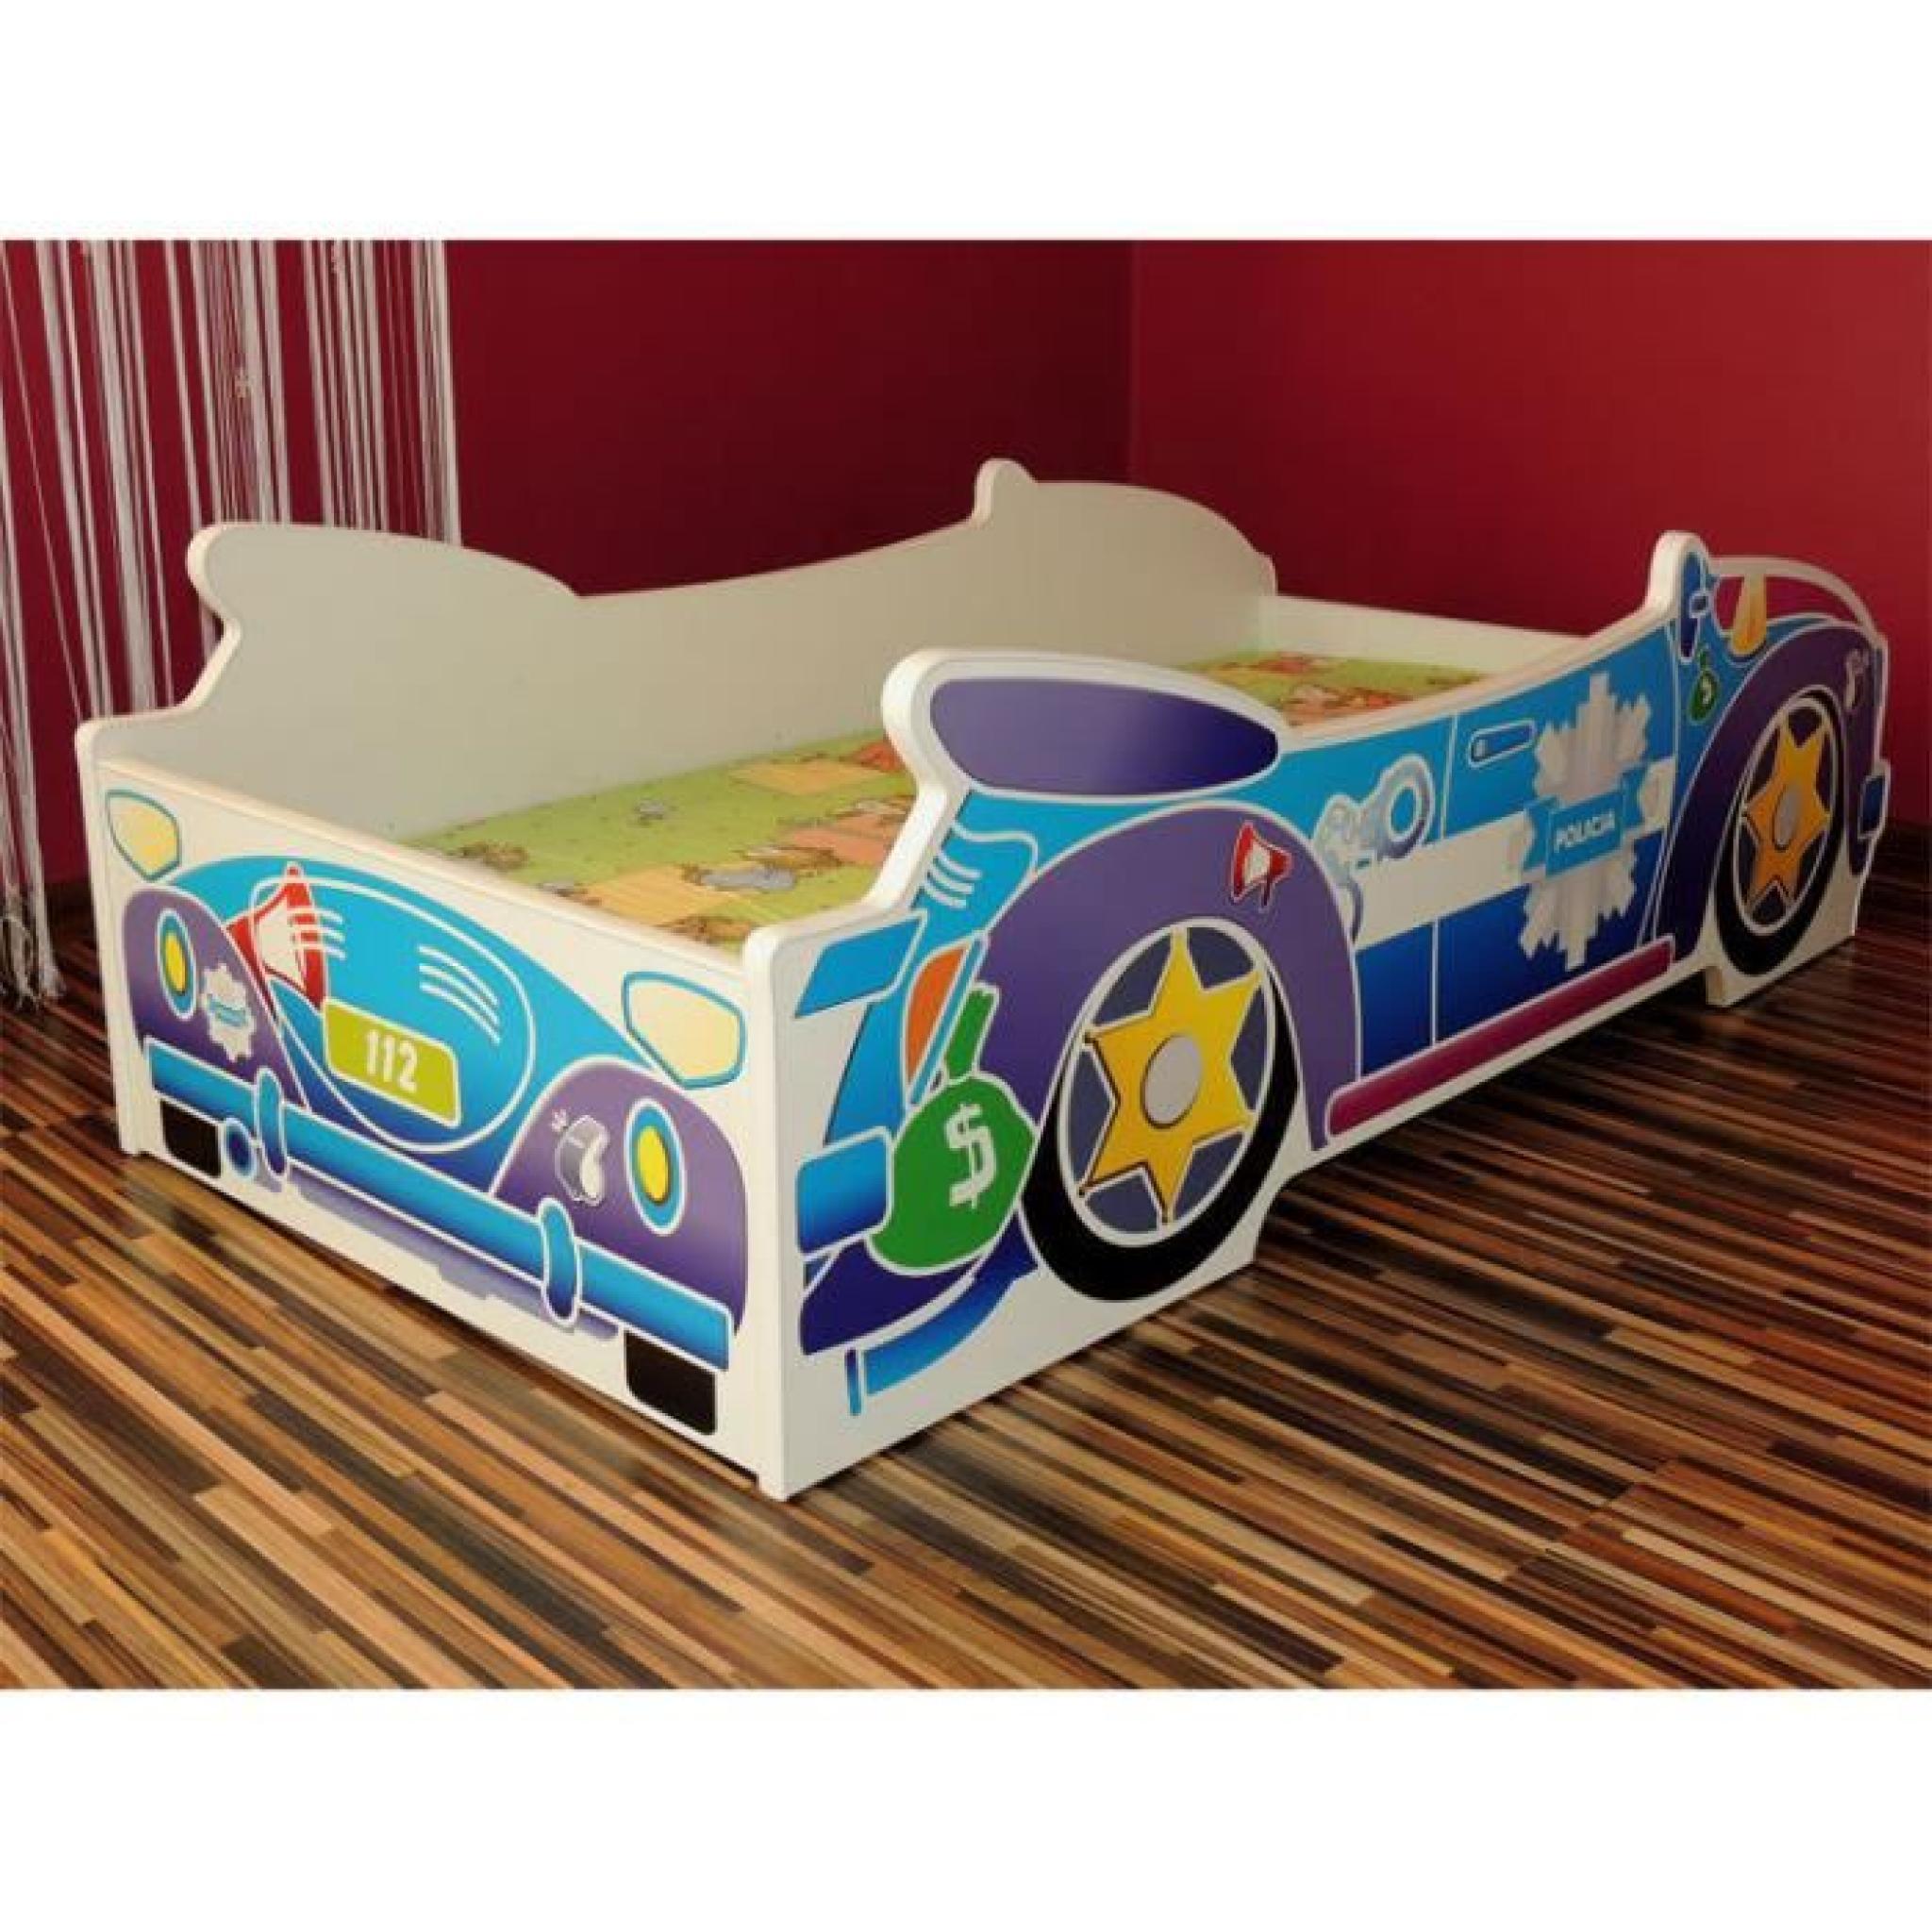 lit enfant voiture police sommier matelas 140x70 achat vente lit pas cher couleur et. Black Bedroom Furniture Sets. Home Design Ideas